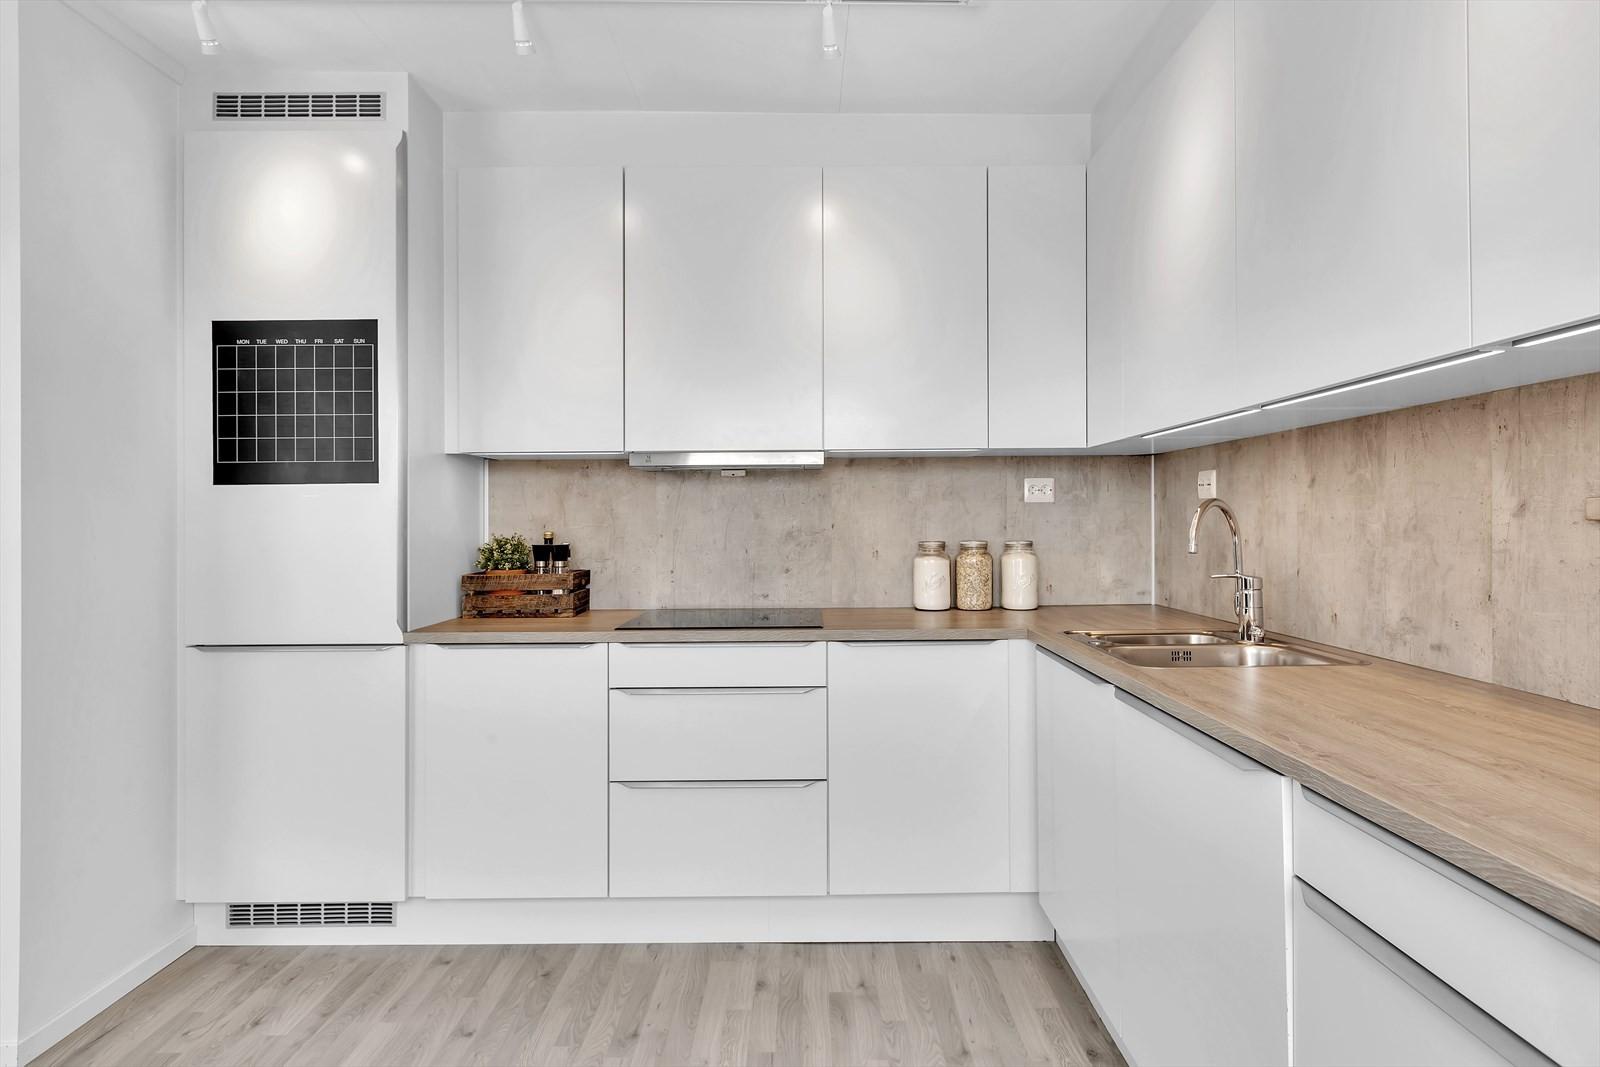 Moderne kjøkken med hvite fronter og integrerte hvitevarer